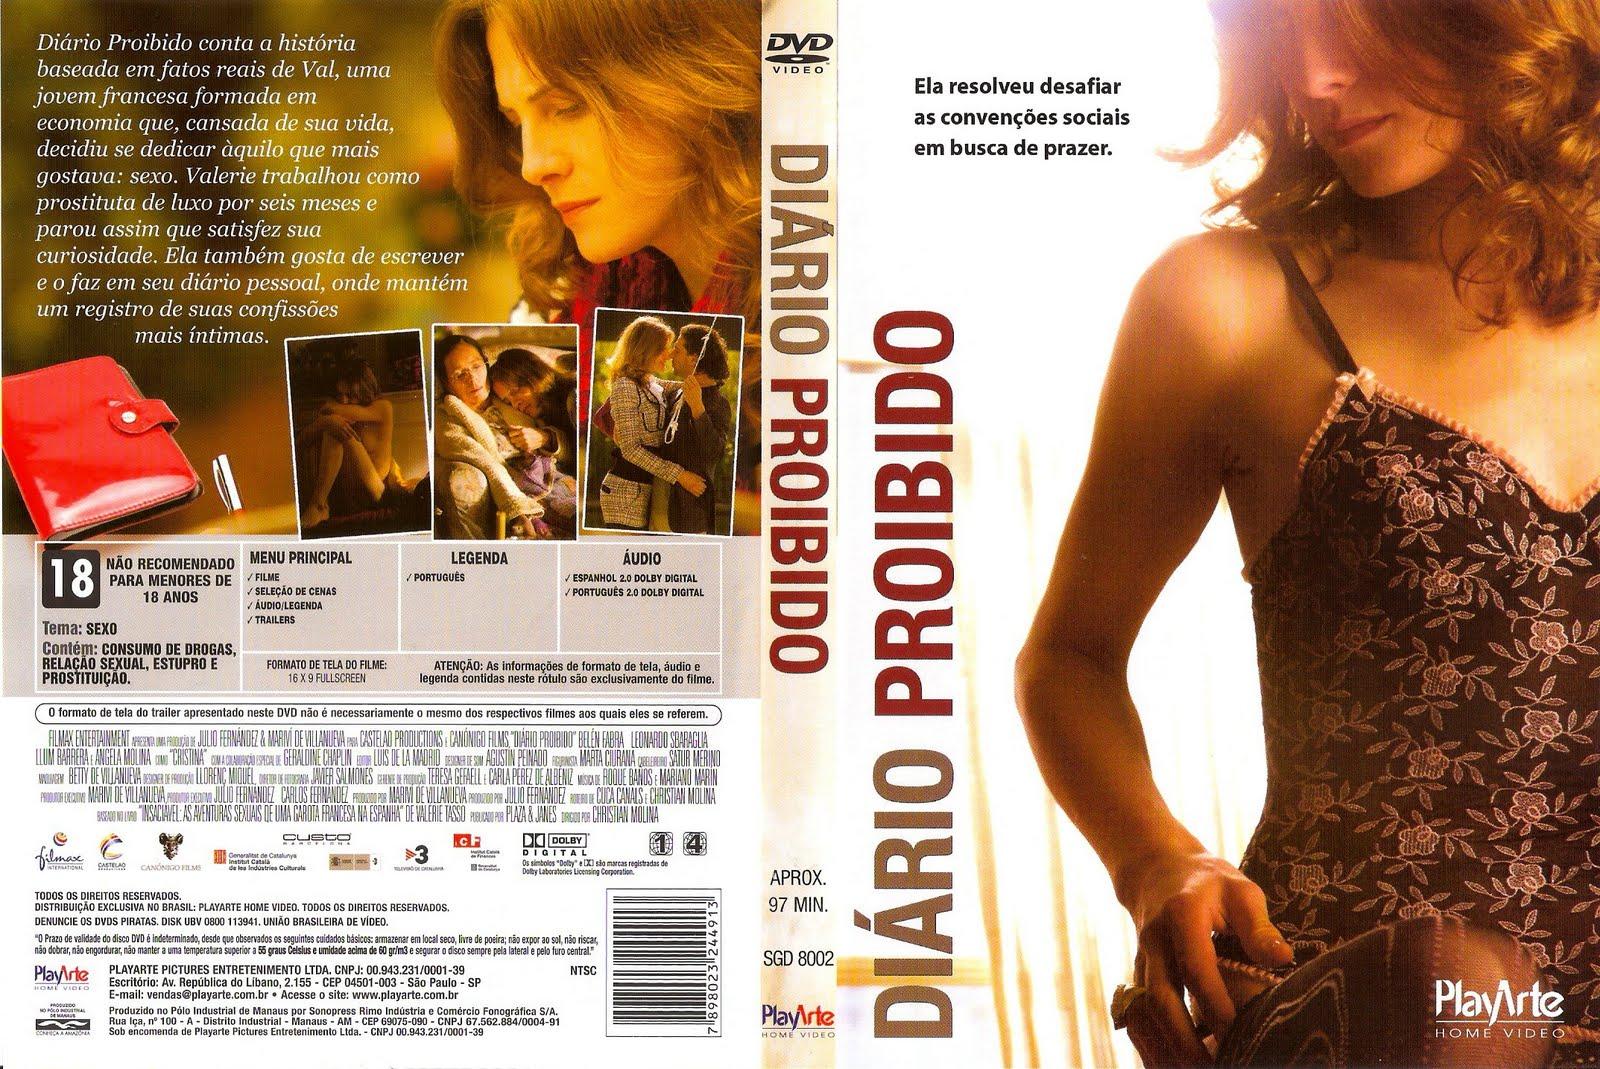 filme diario proibido dublado rmvb